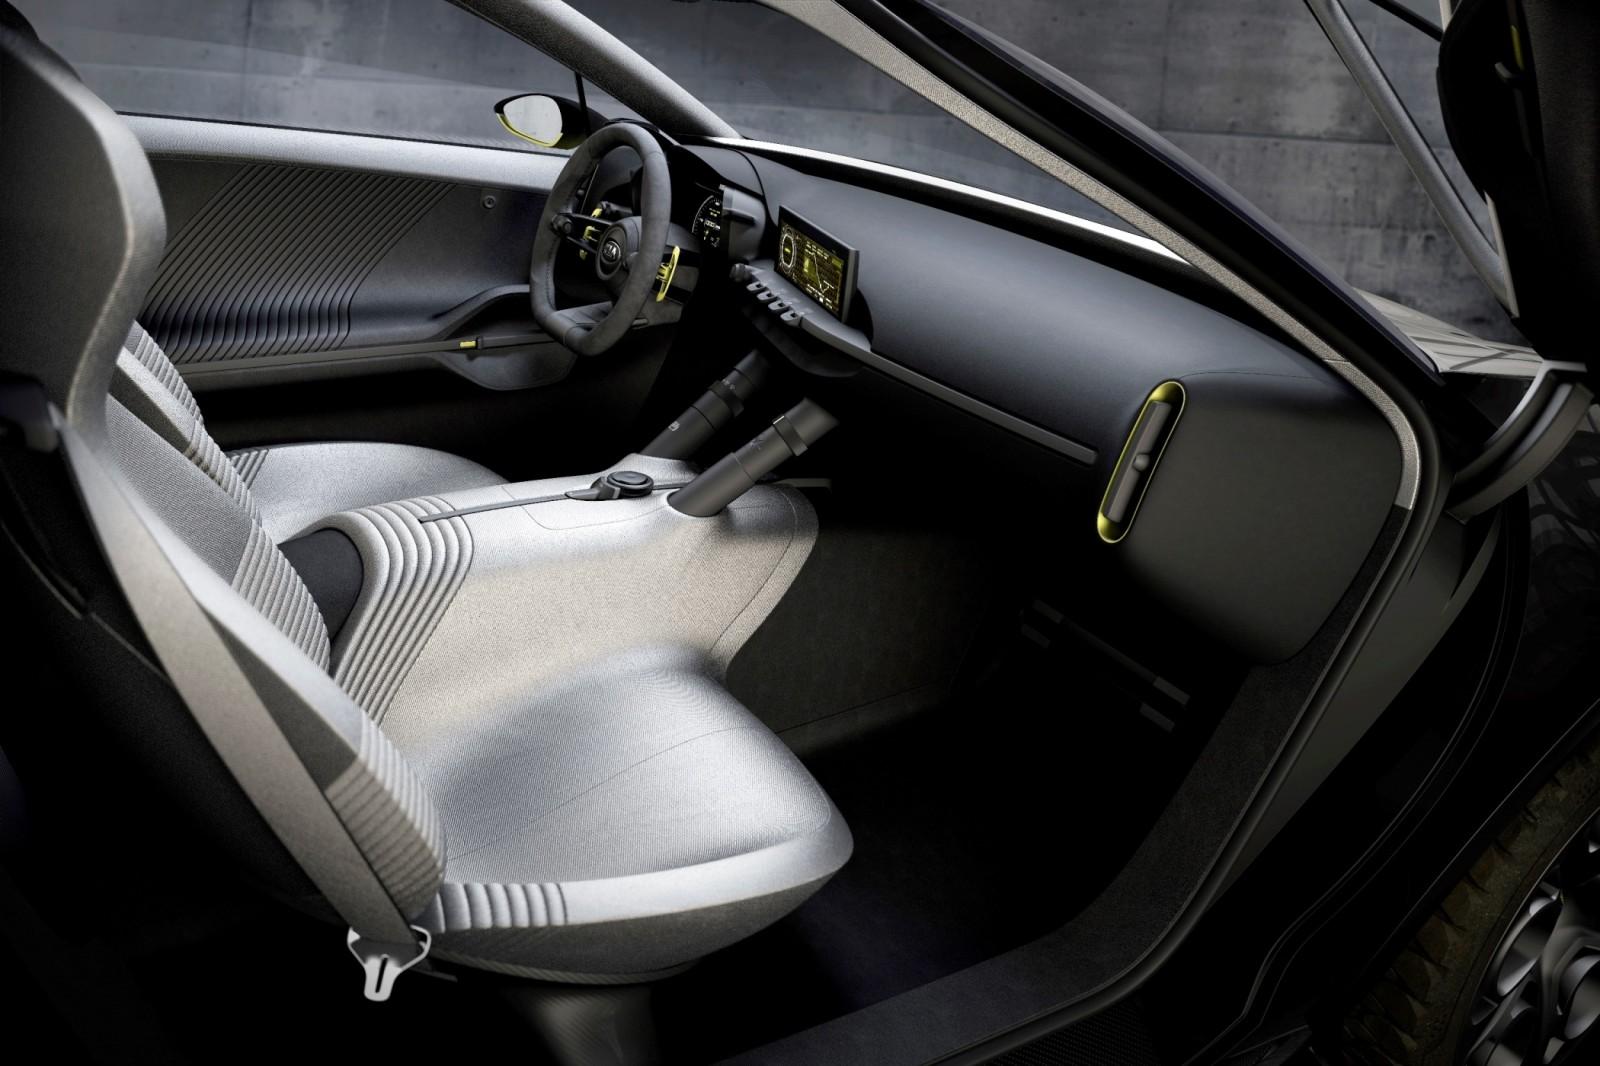 2013 Kia Niro 5